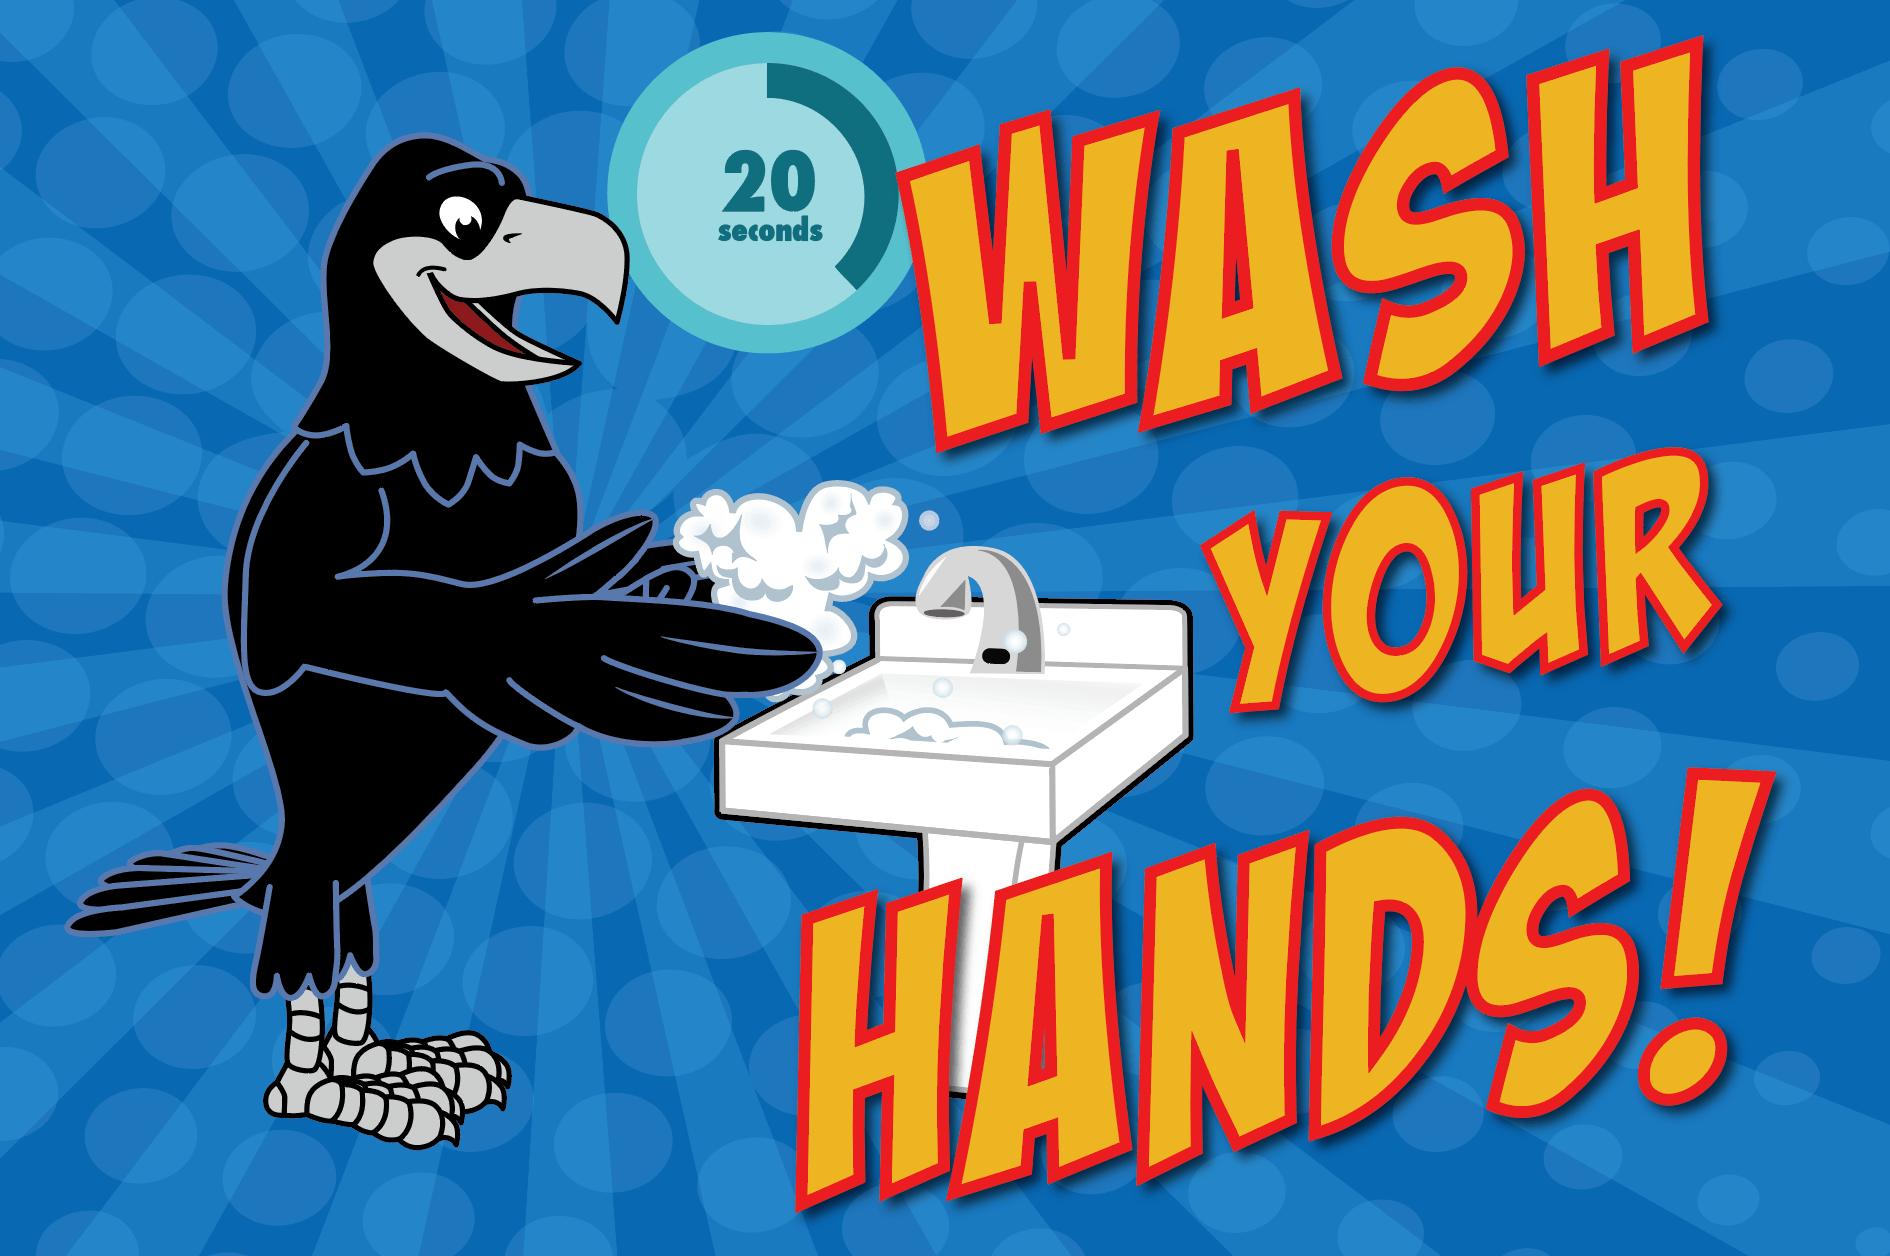 Raven Wash Hands Poster